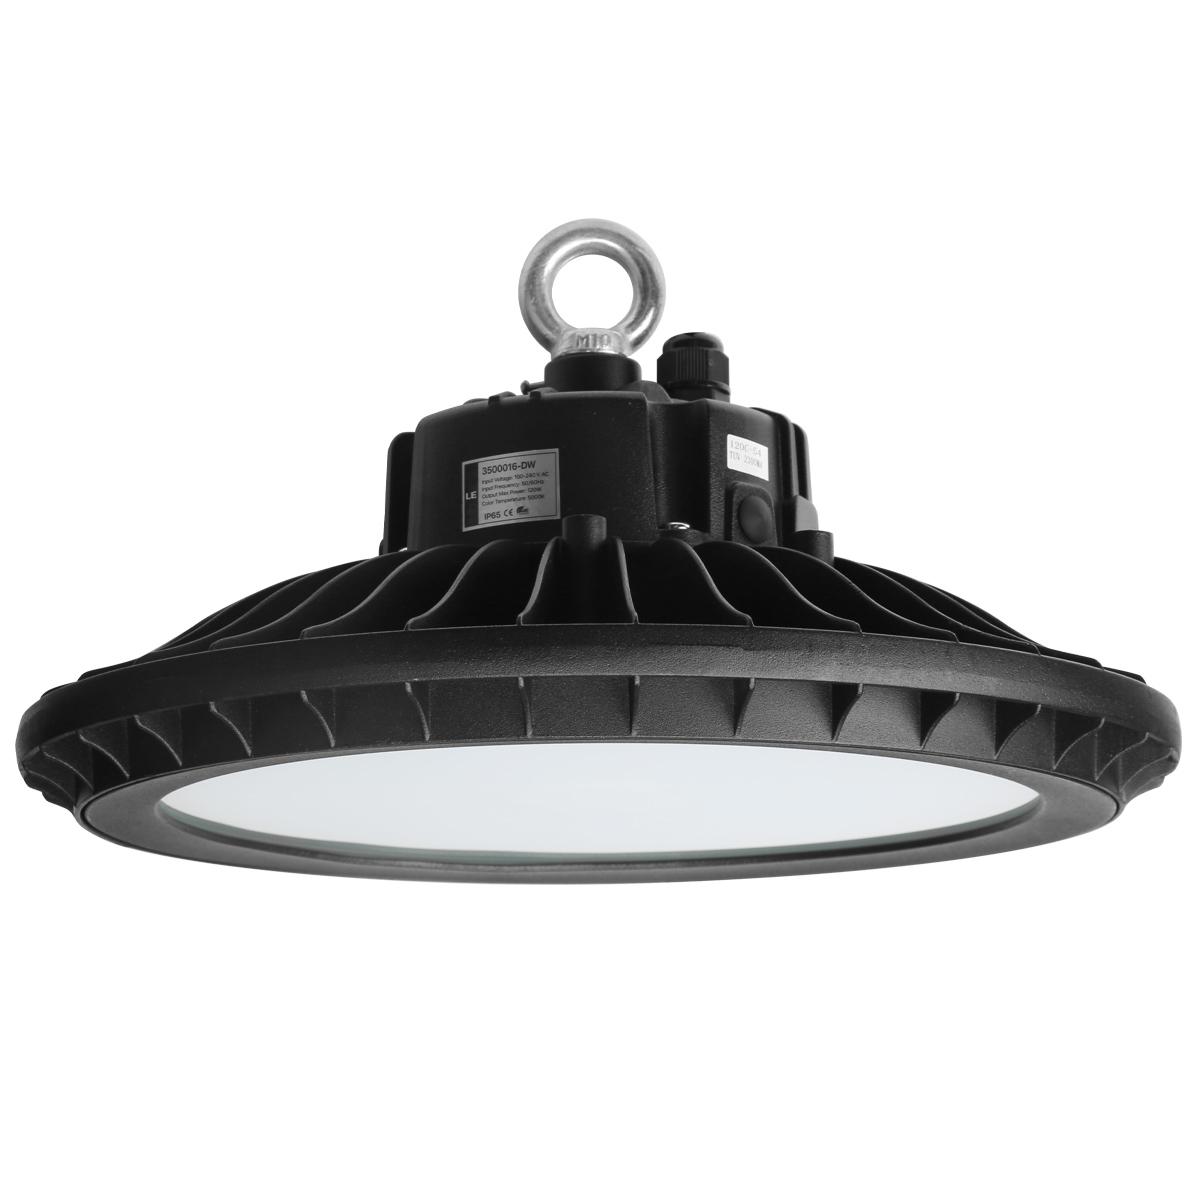 120W LED UFO Hallenstrahler, 14400lm  Hallenbeleuchtung, wasserfeste Industrielampe, ersetzt 300W Halogen Metalldampflampe, Kaltwei?